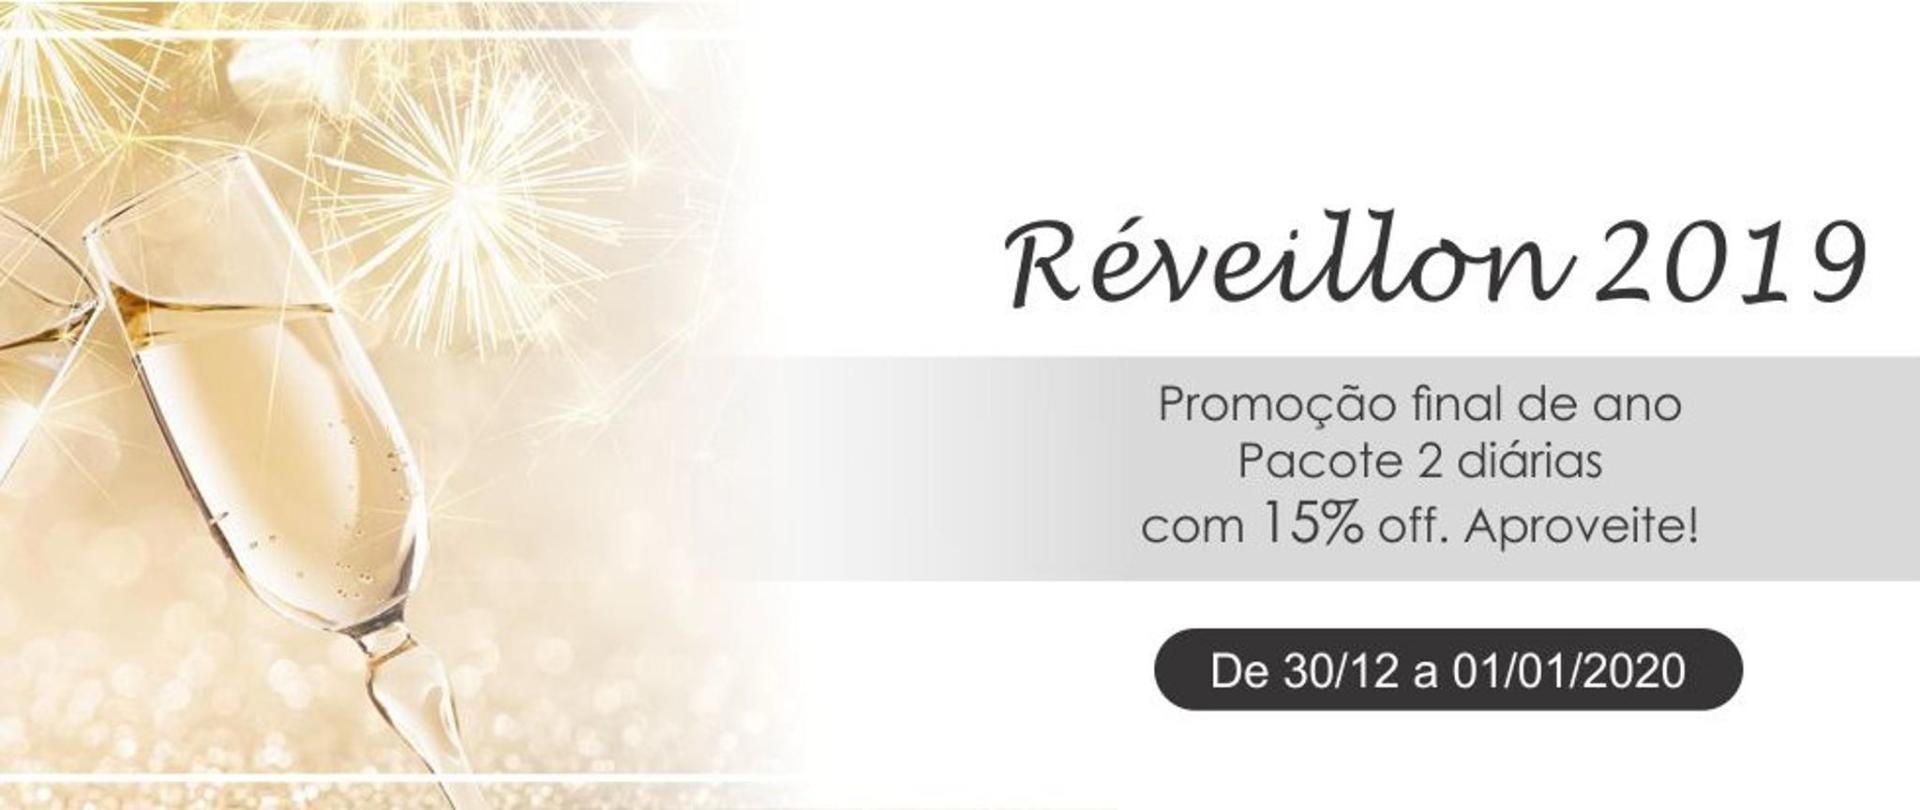 Promocao 2019 Reveillon 15%2.jpg